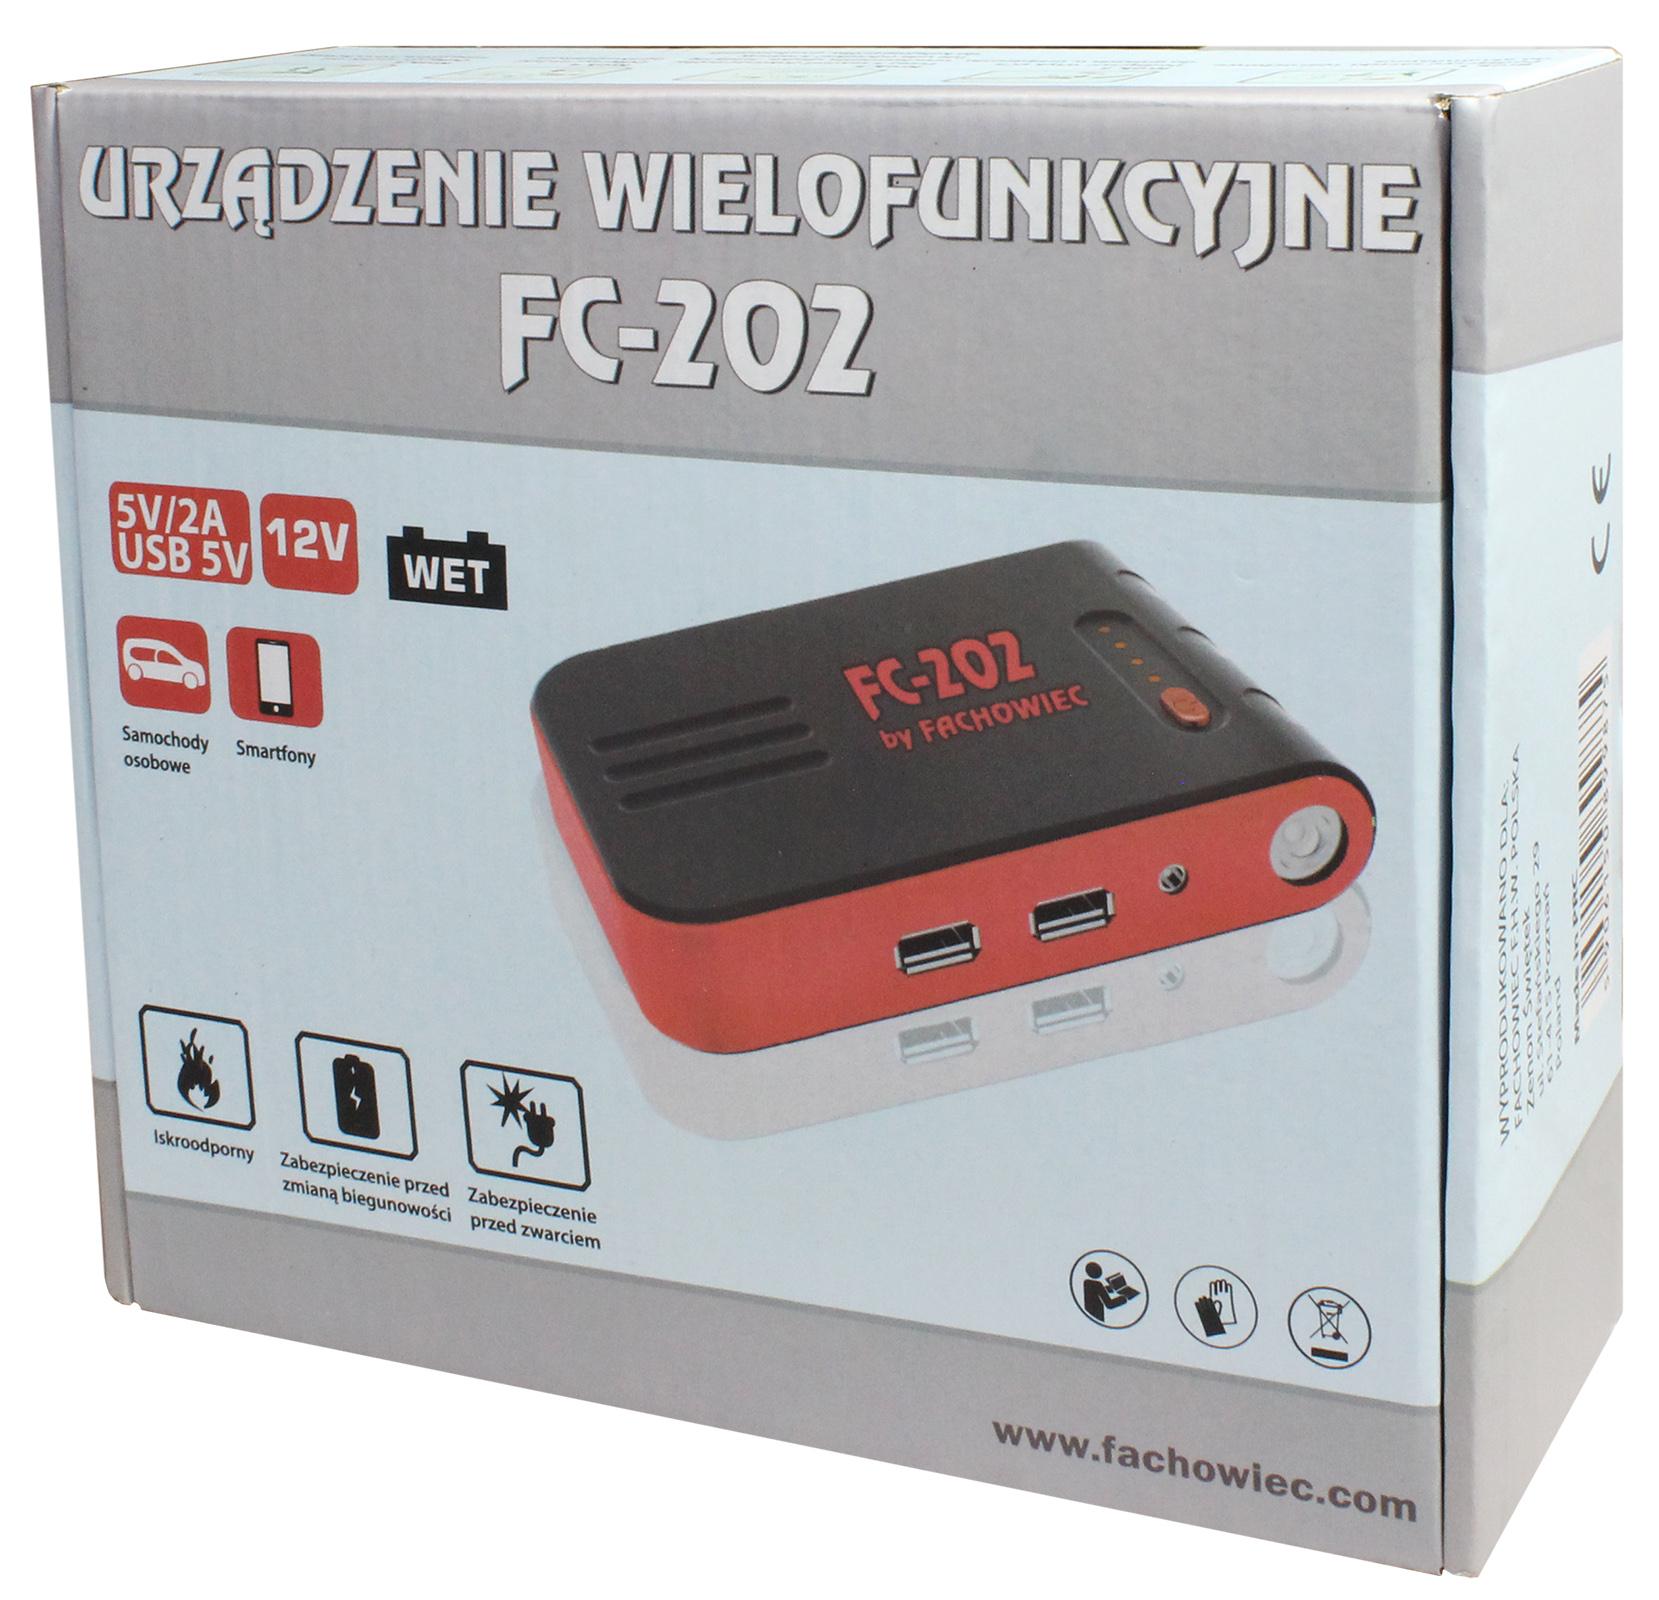 POWERBANK 10000mAh rozruch 200A 12V ładowarka USB